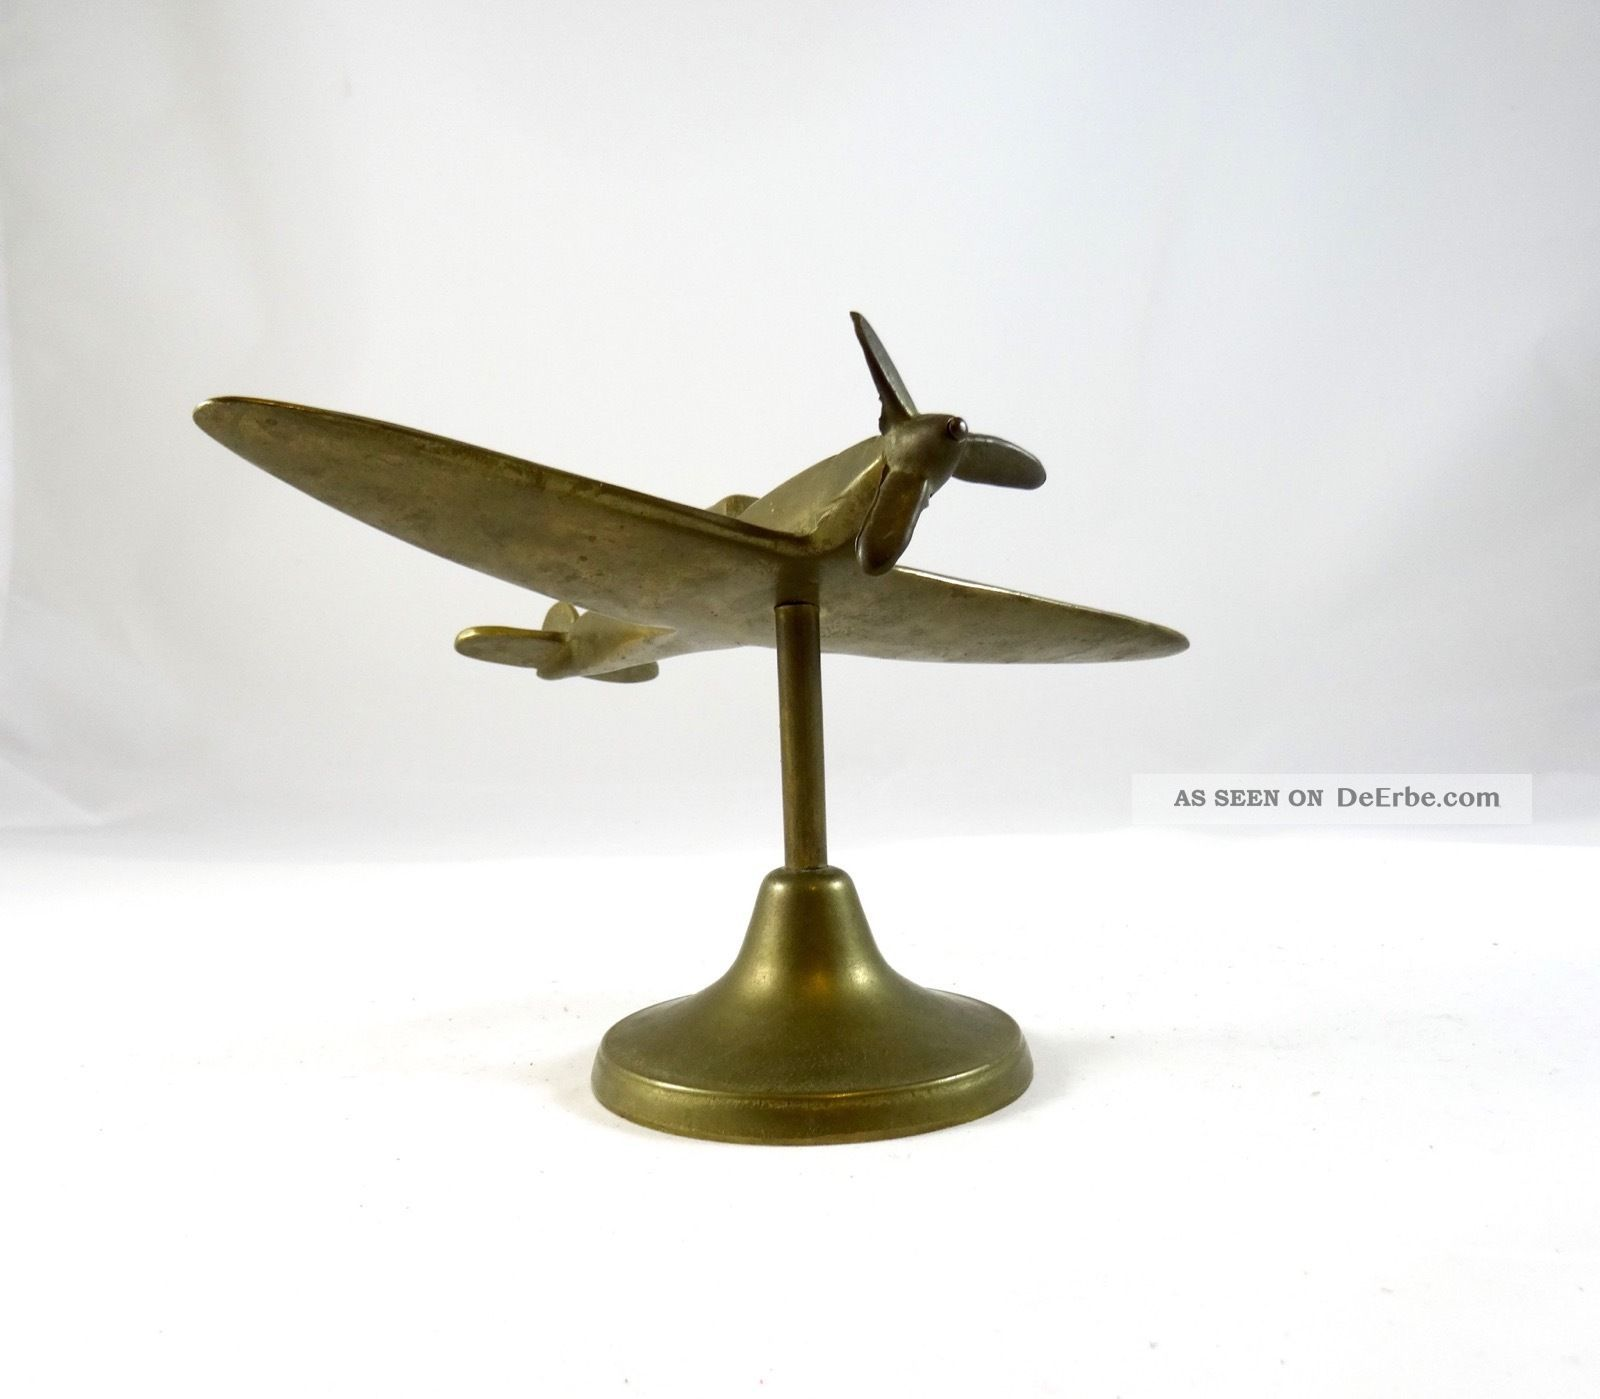 Art Deco Flugzeug Skulptur Messing Luftfahrt Frankreich 1940 1920-1949, Art Déco Bild